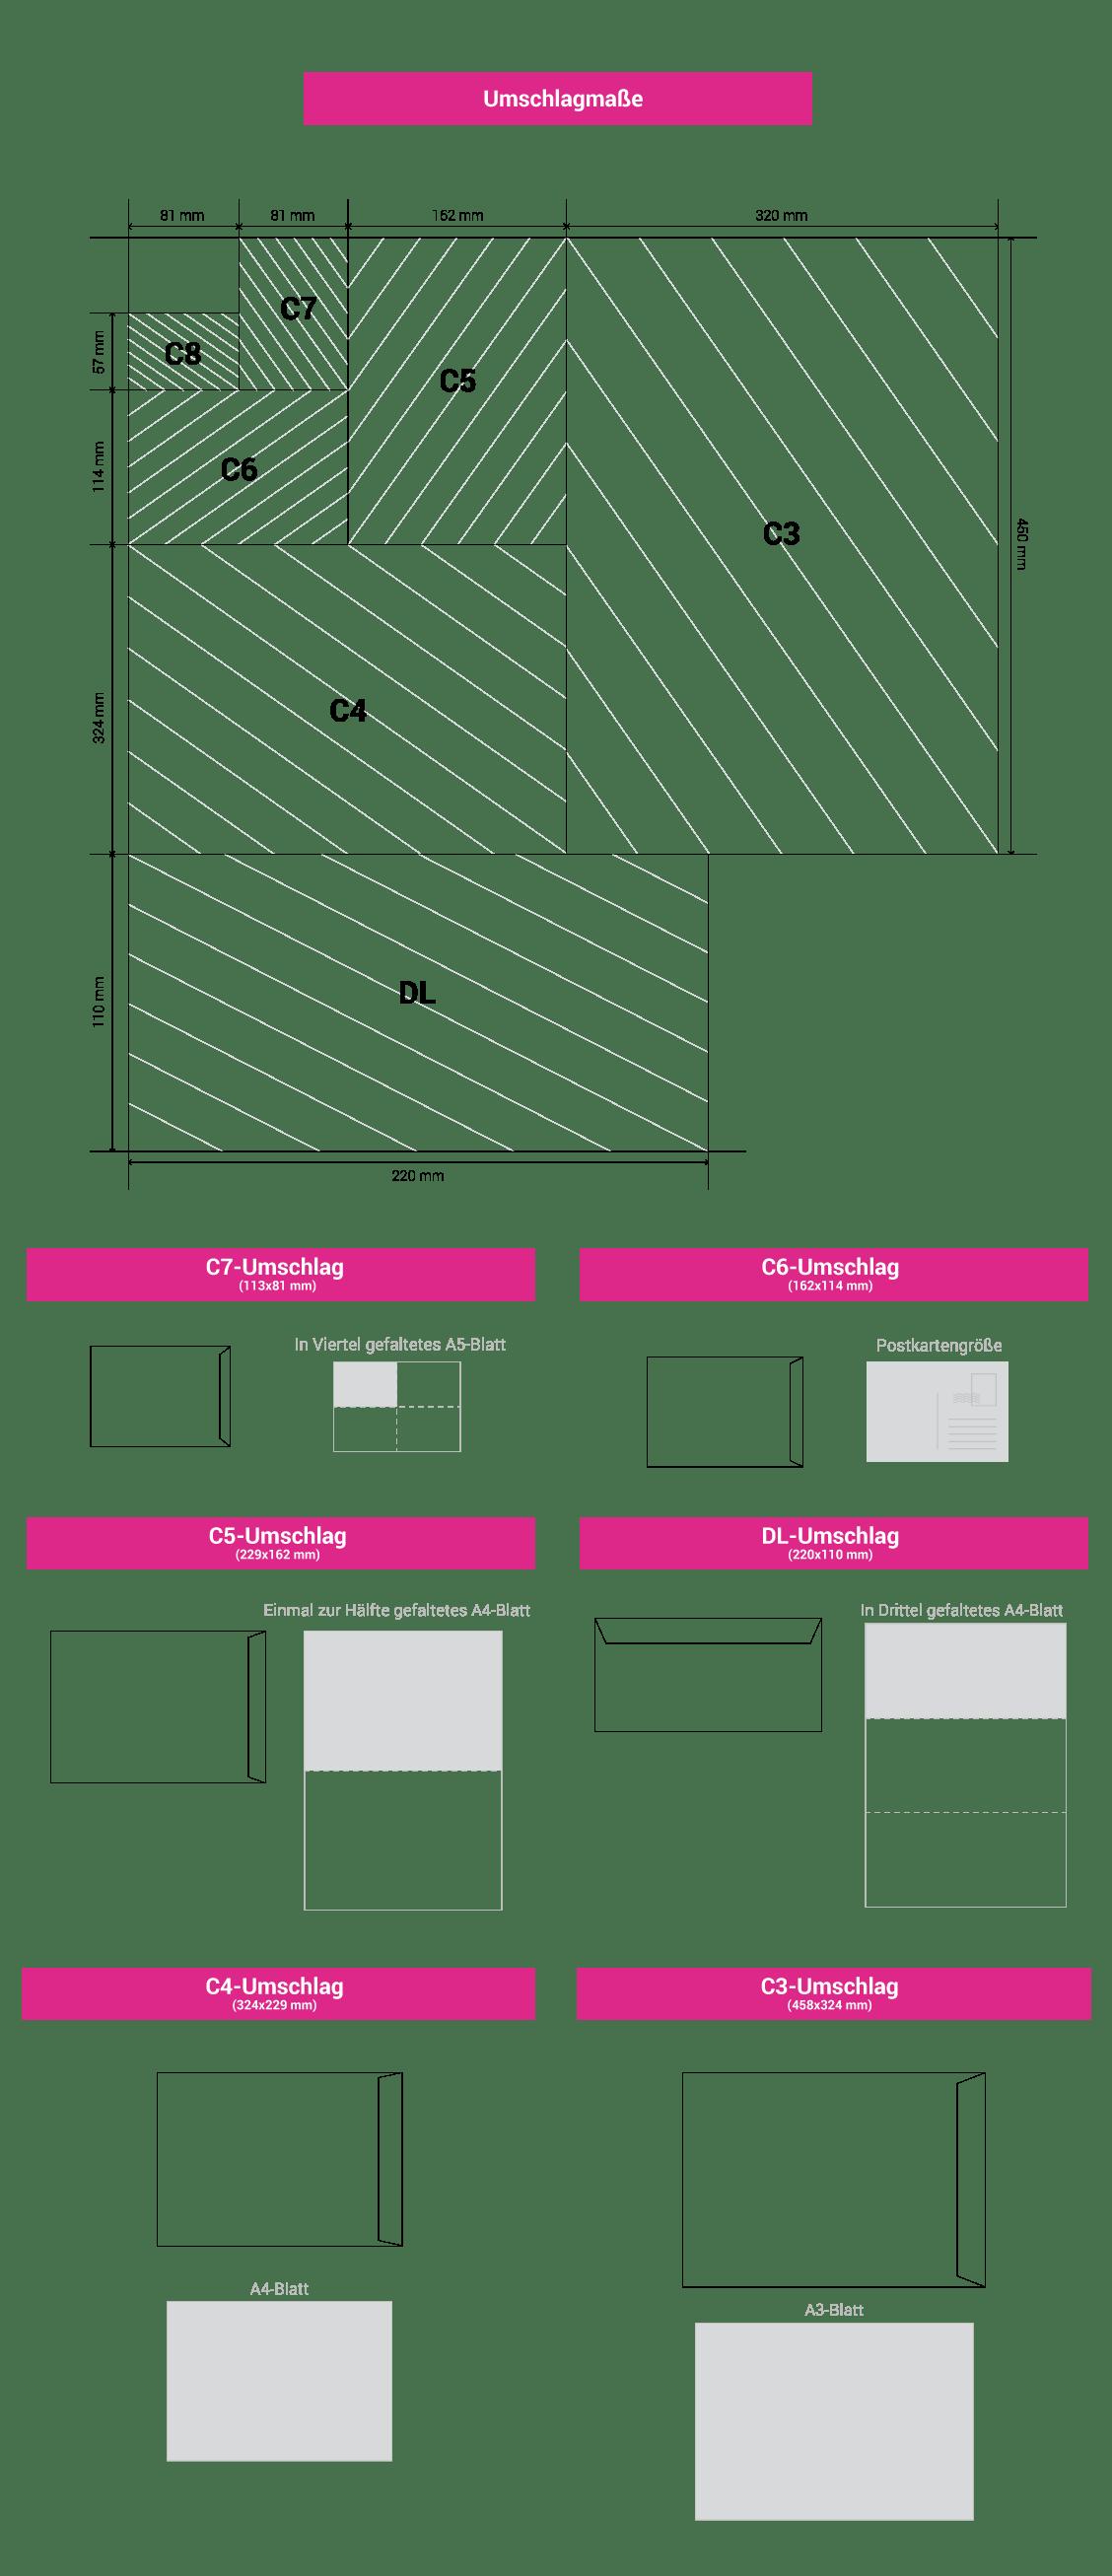 übersicht Und Rechner Für Umschlaggrößen Iso Umschläge